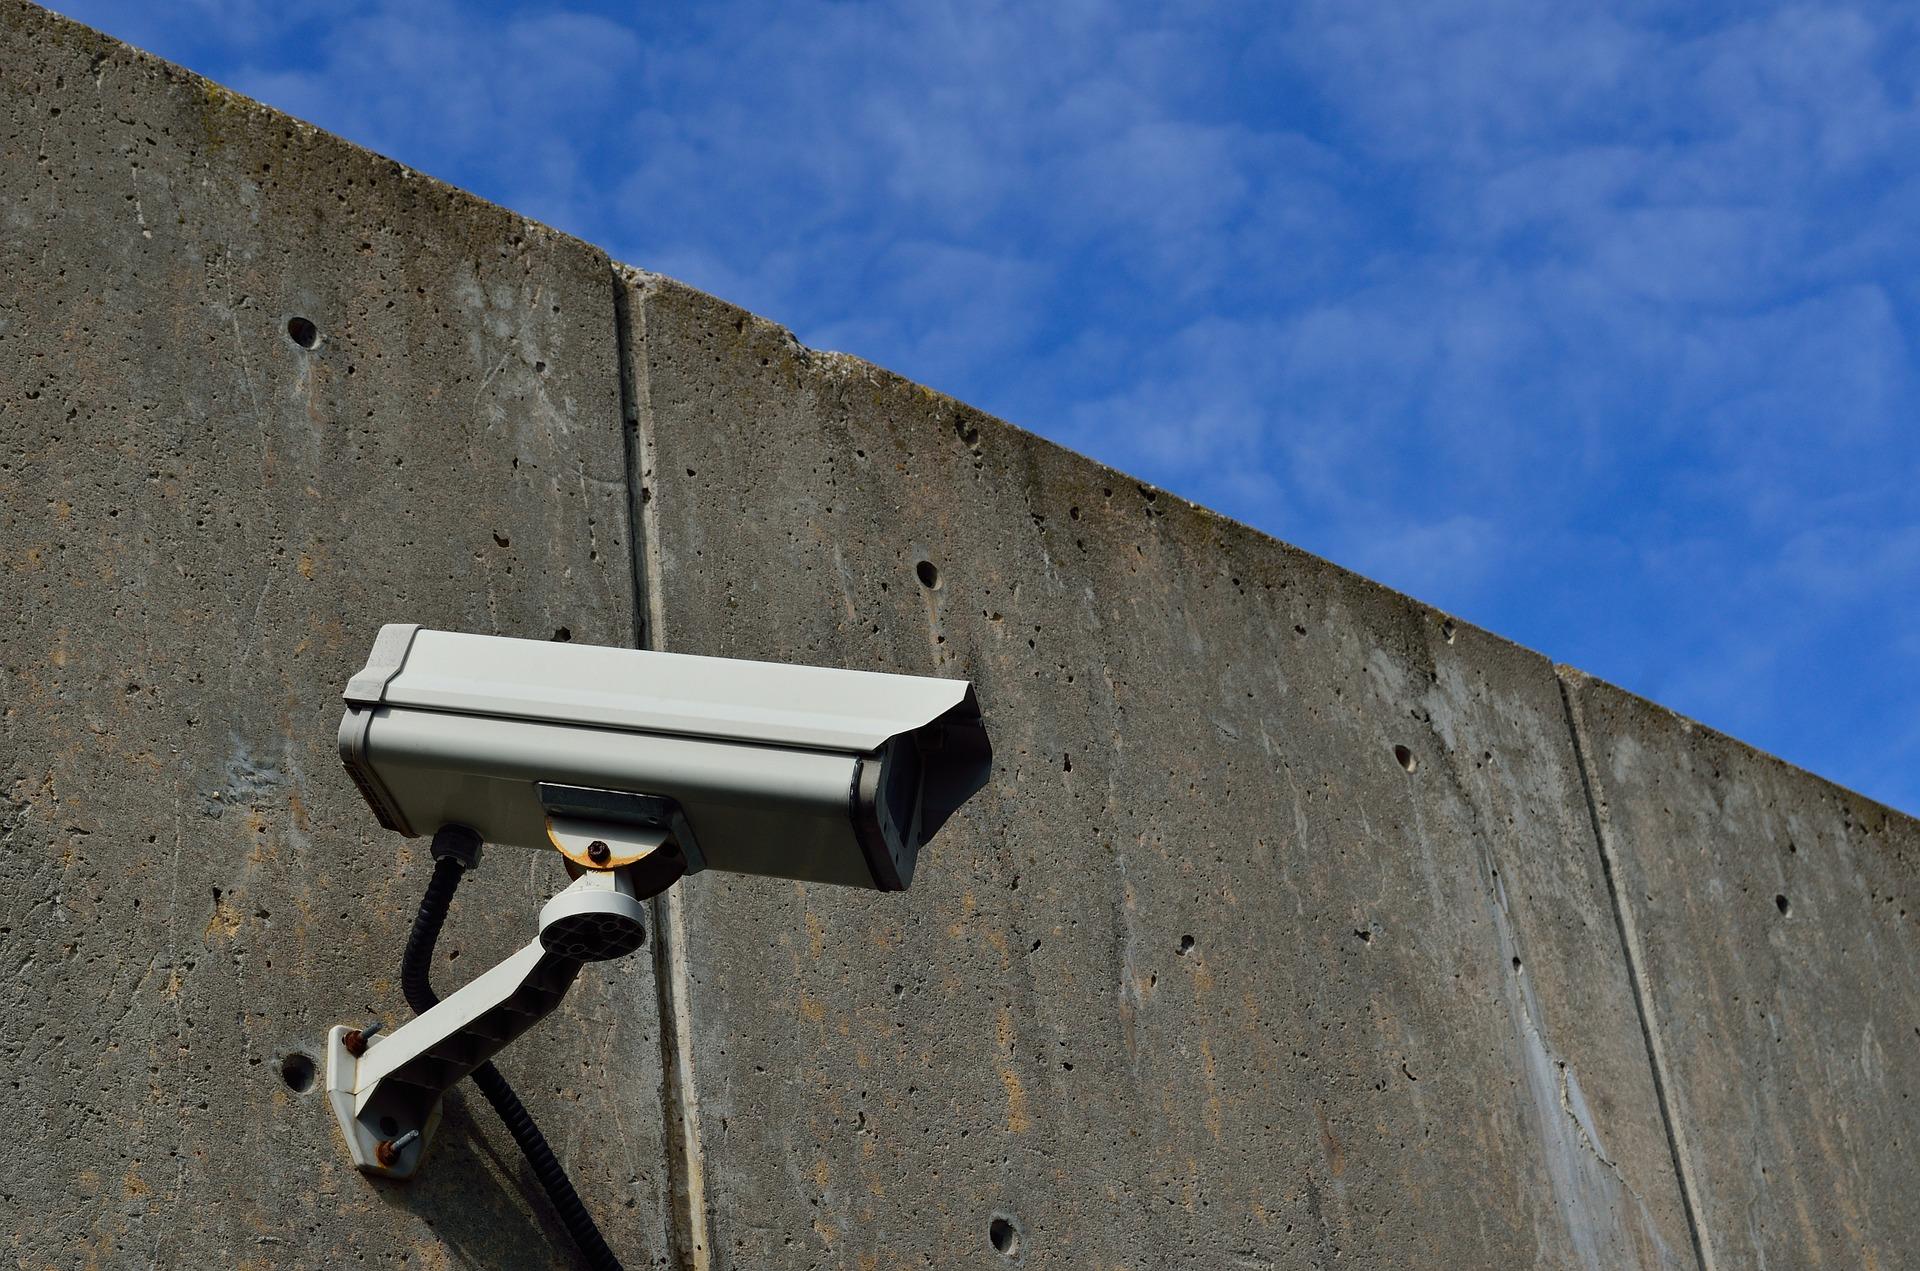 Privacidad o vigilancia